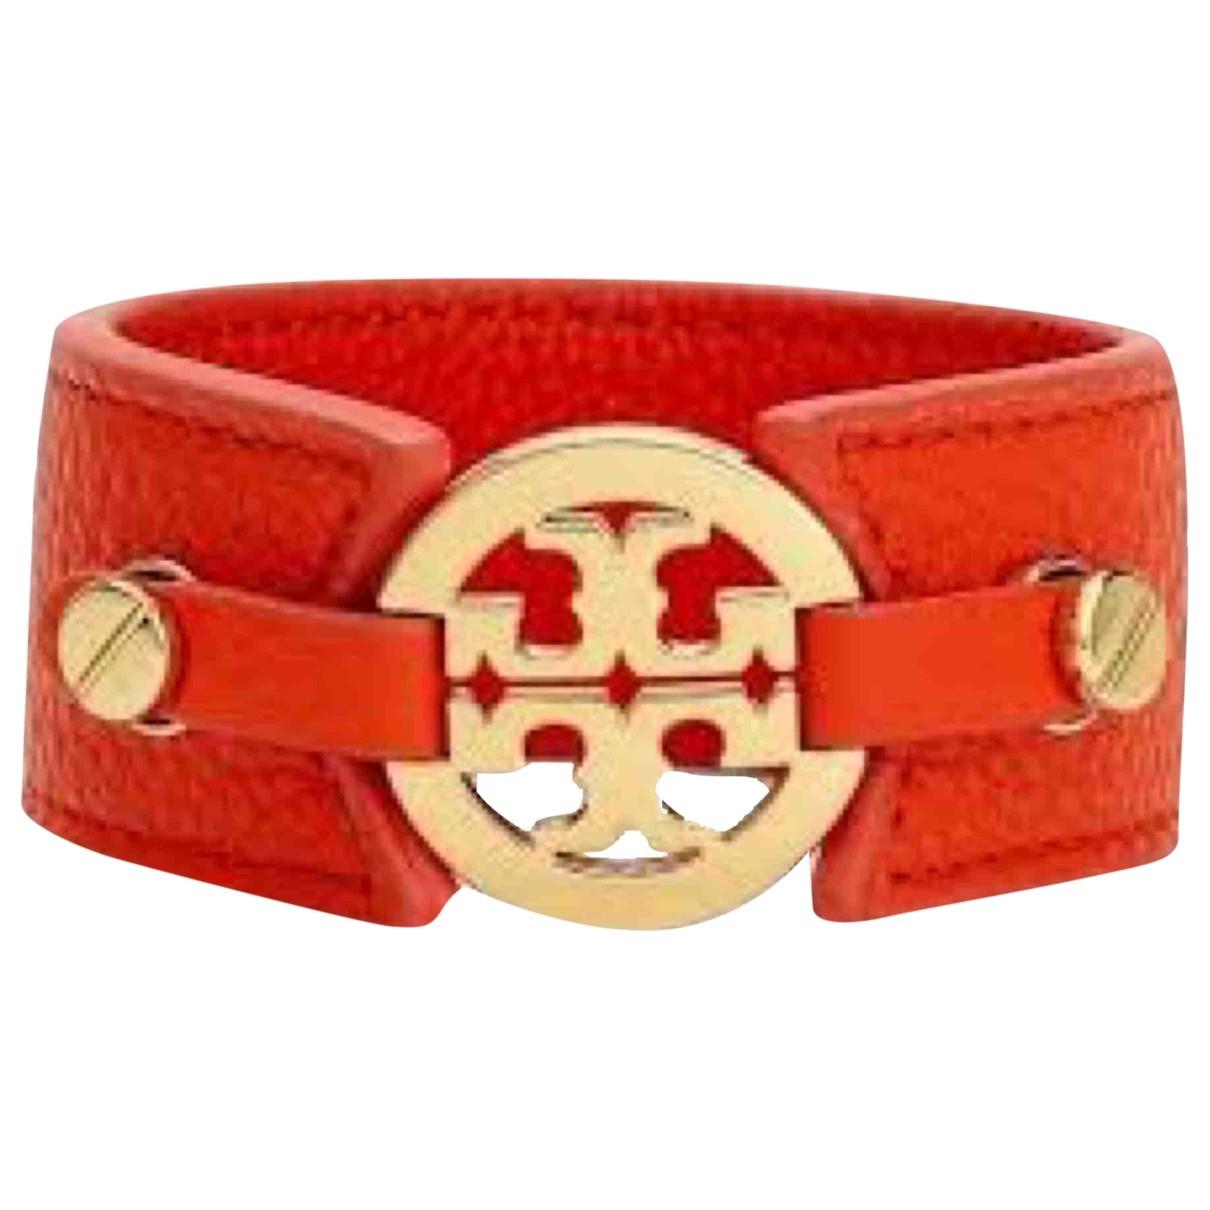 Tory Burch - Bracelet   pour femme en cuir - rouge